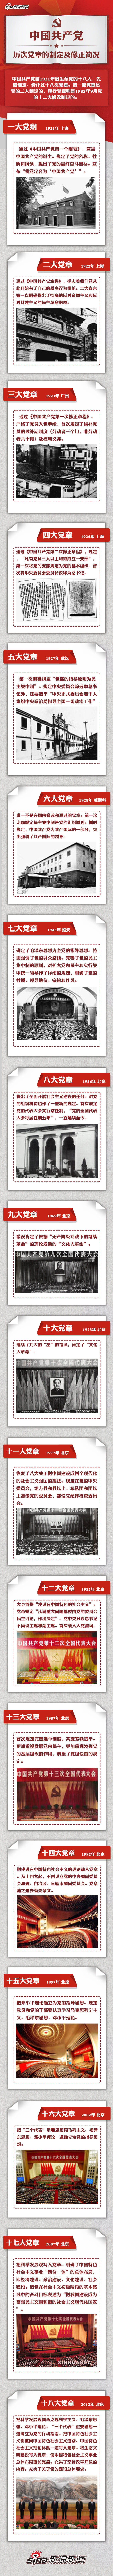 中国共产党历次党章的制定及修正简况